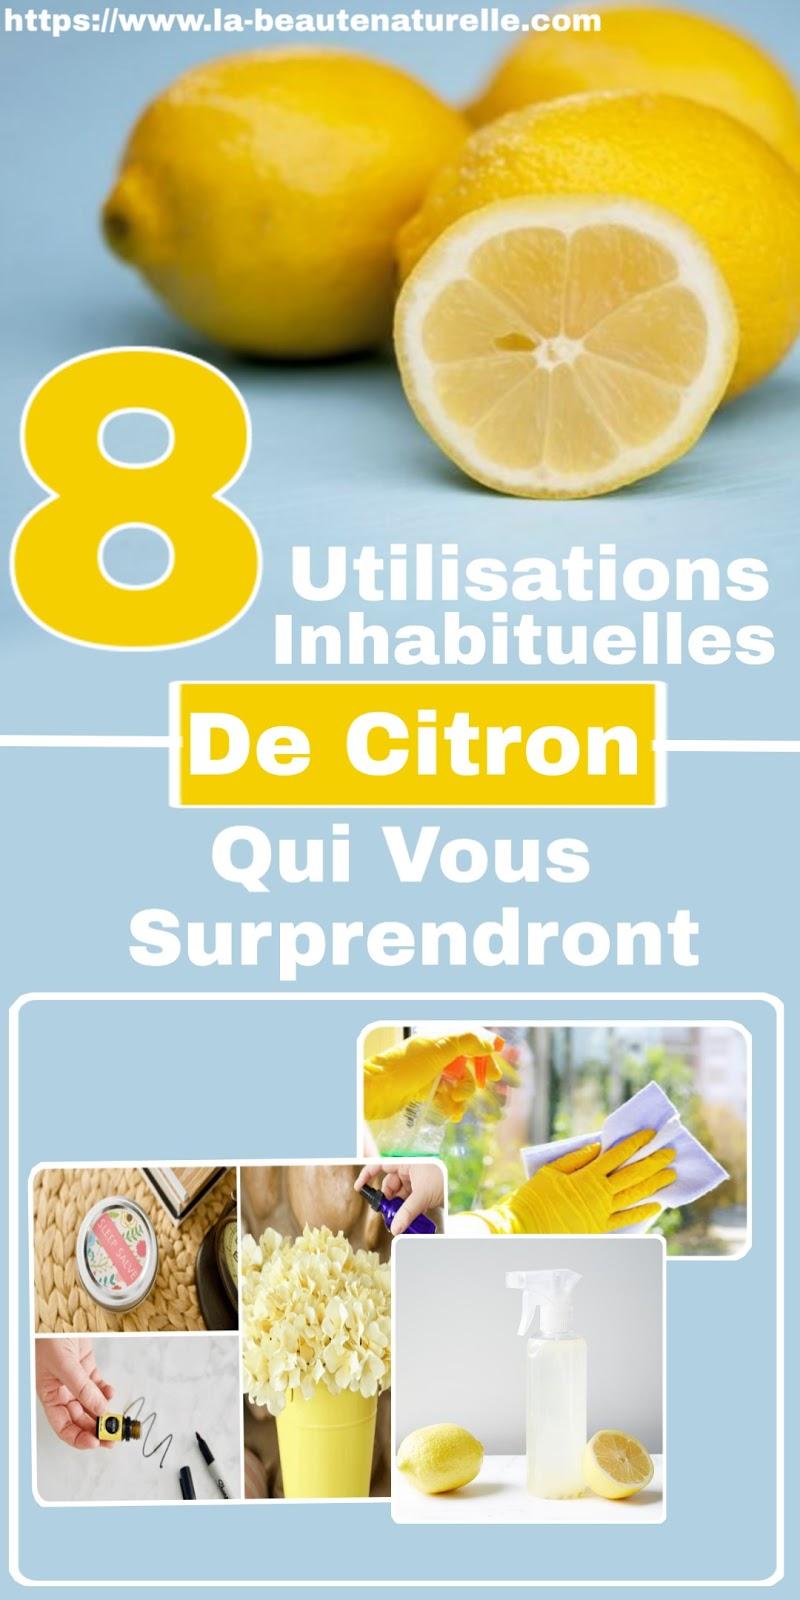 8 Utilisations Inhabituelles De Citron Qui Vous Surprendront